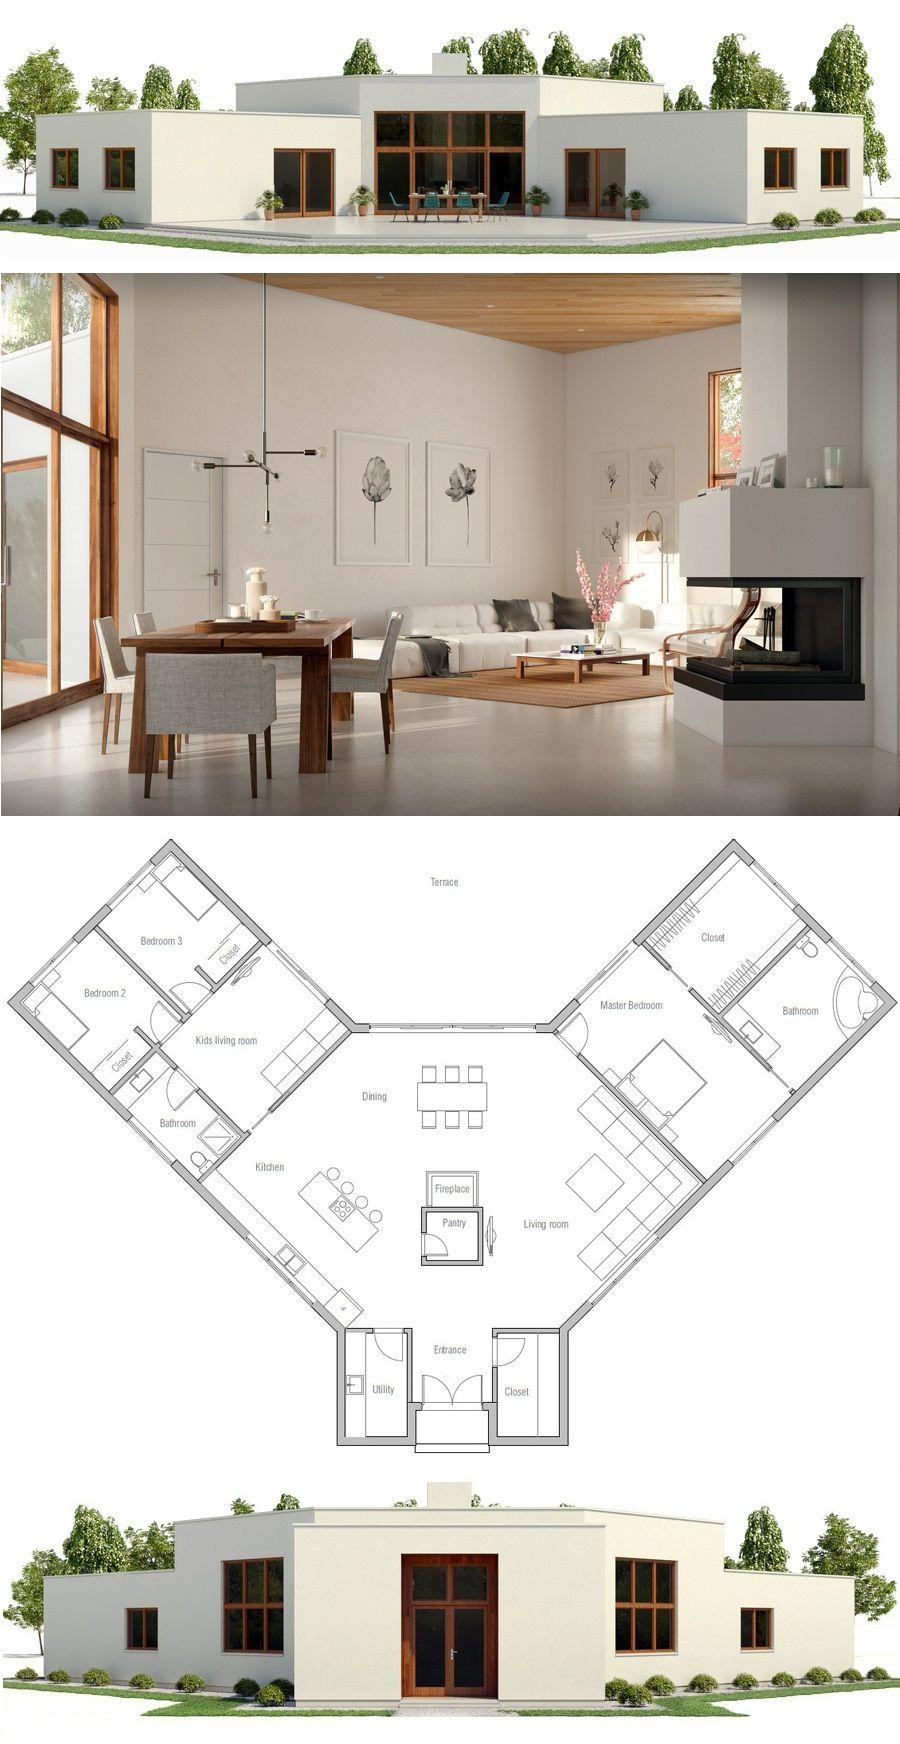 house design house plan ch381 200 floor plans concept homes pinterest haus haus bauen. Black Bedroom Furniture Sets. Home Design Ideas